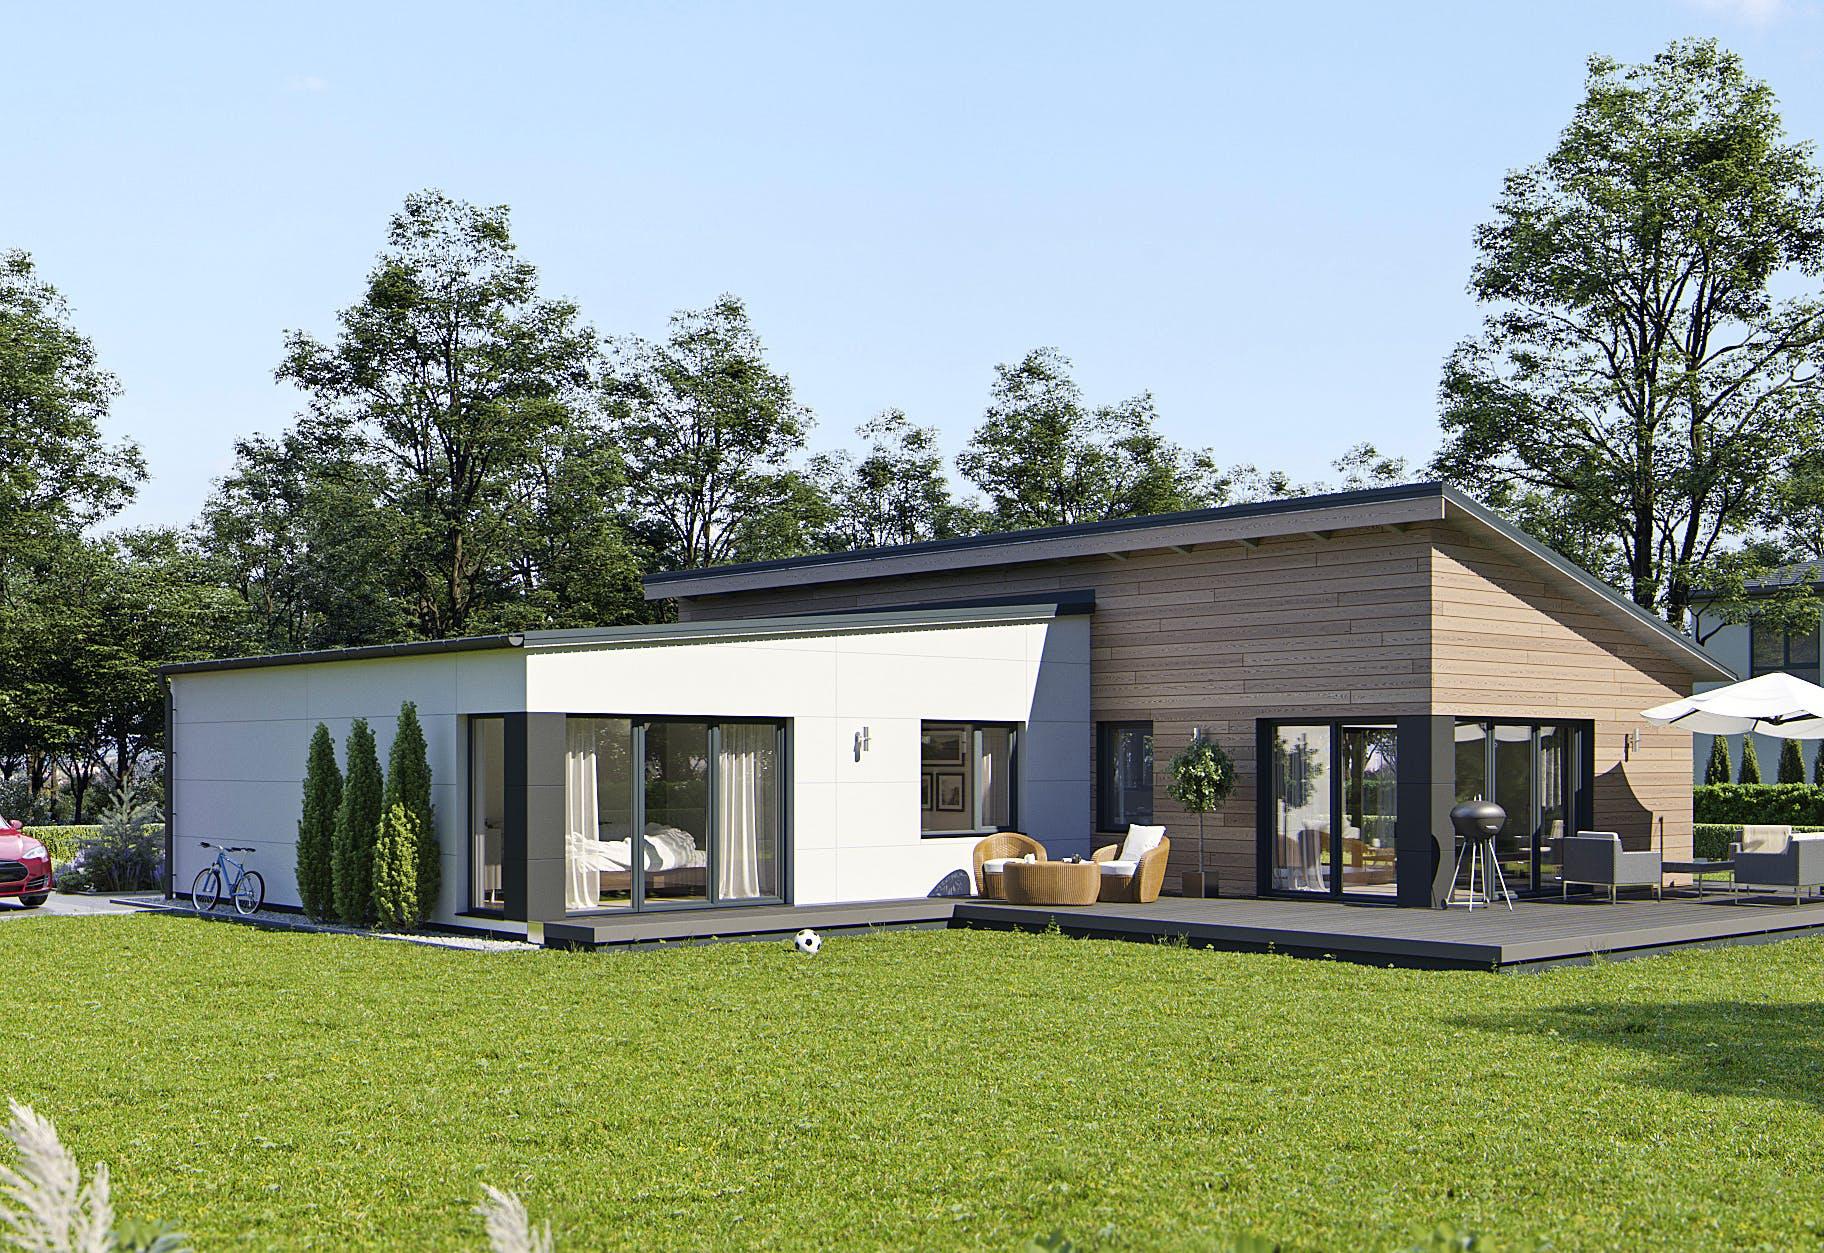 Exquisit Häuser Mit Pultdach Ideen Von Lessingstraße 129 -